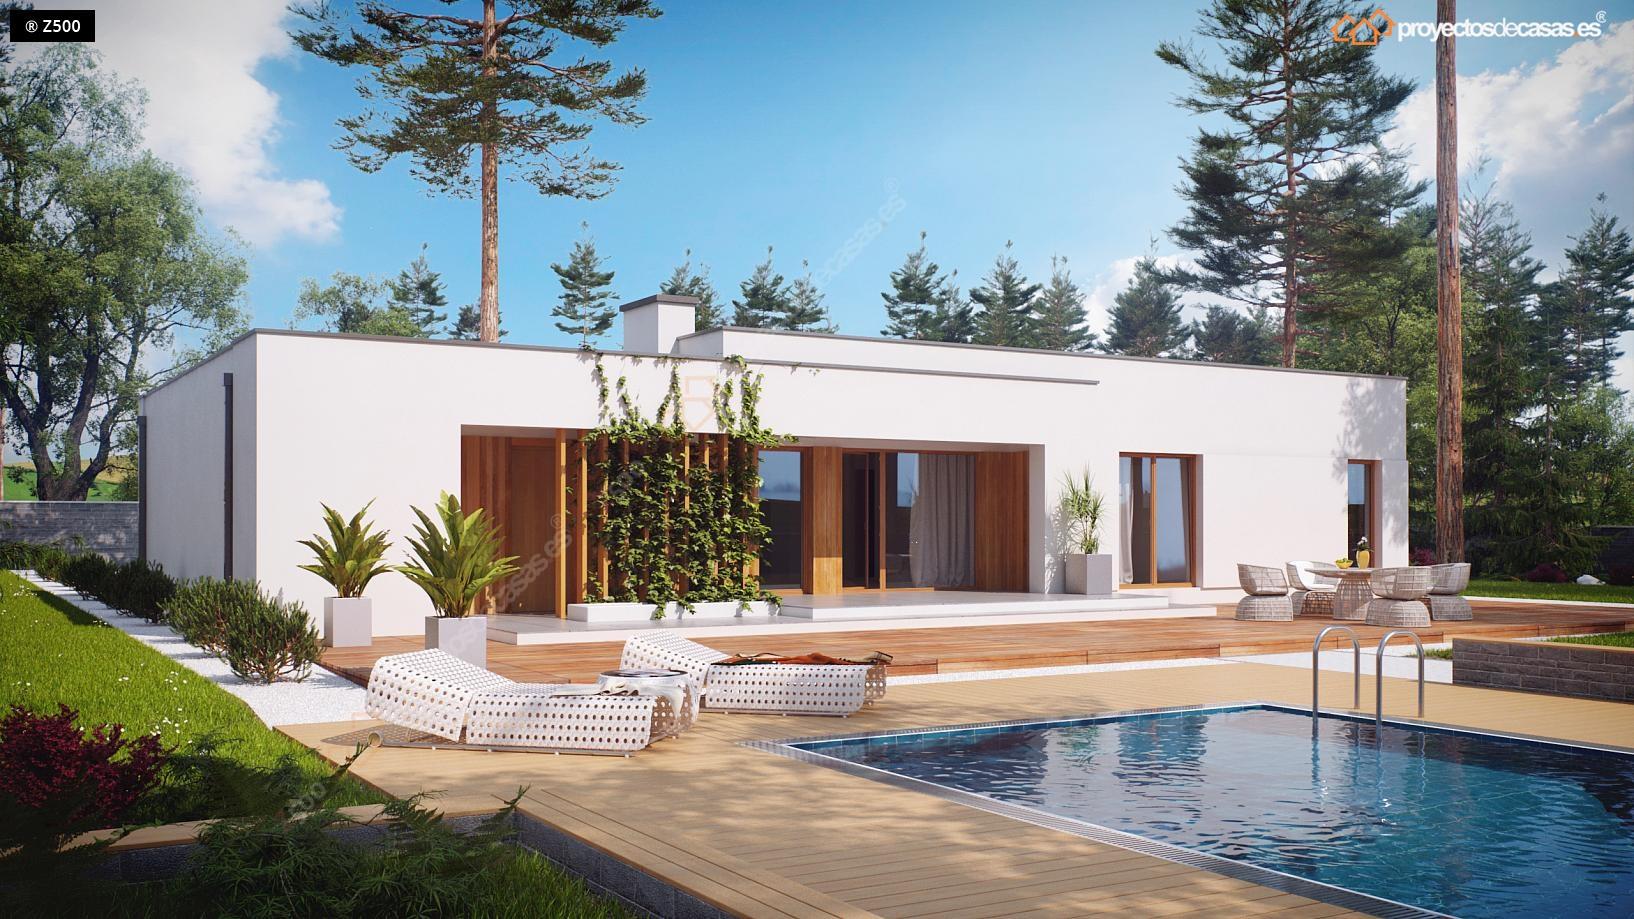 Proyectos de casas casa minimalista de 1 planta con for Plano casa minimalista 3 dormitorios